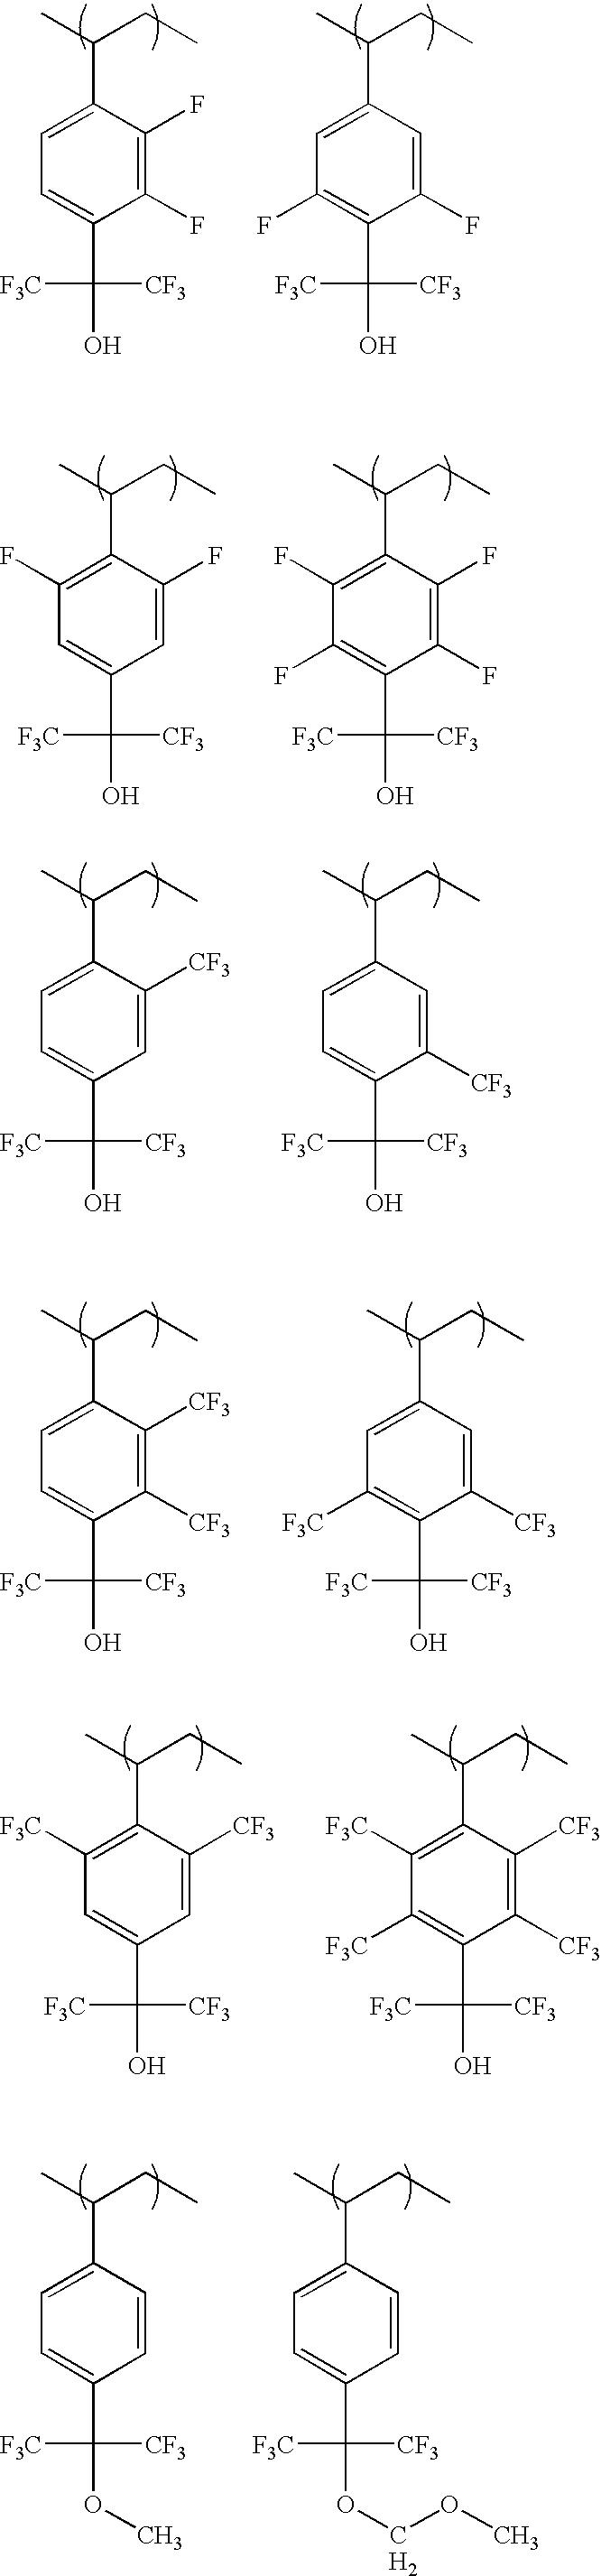 Figure US06864037-20050308-C00047